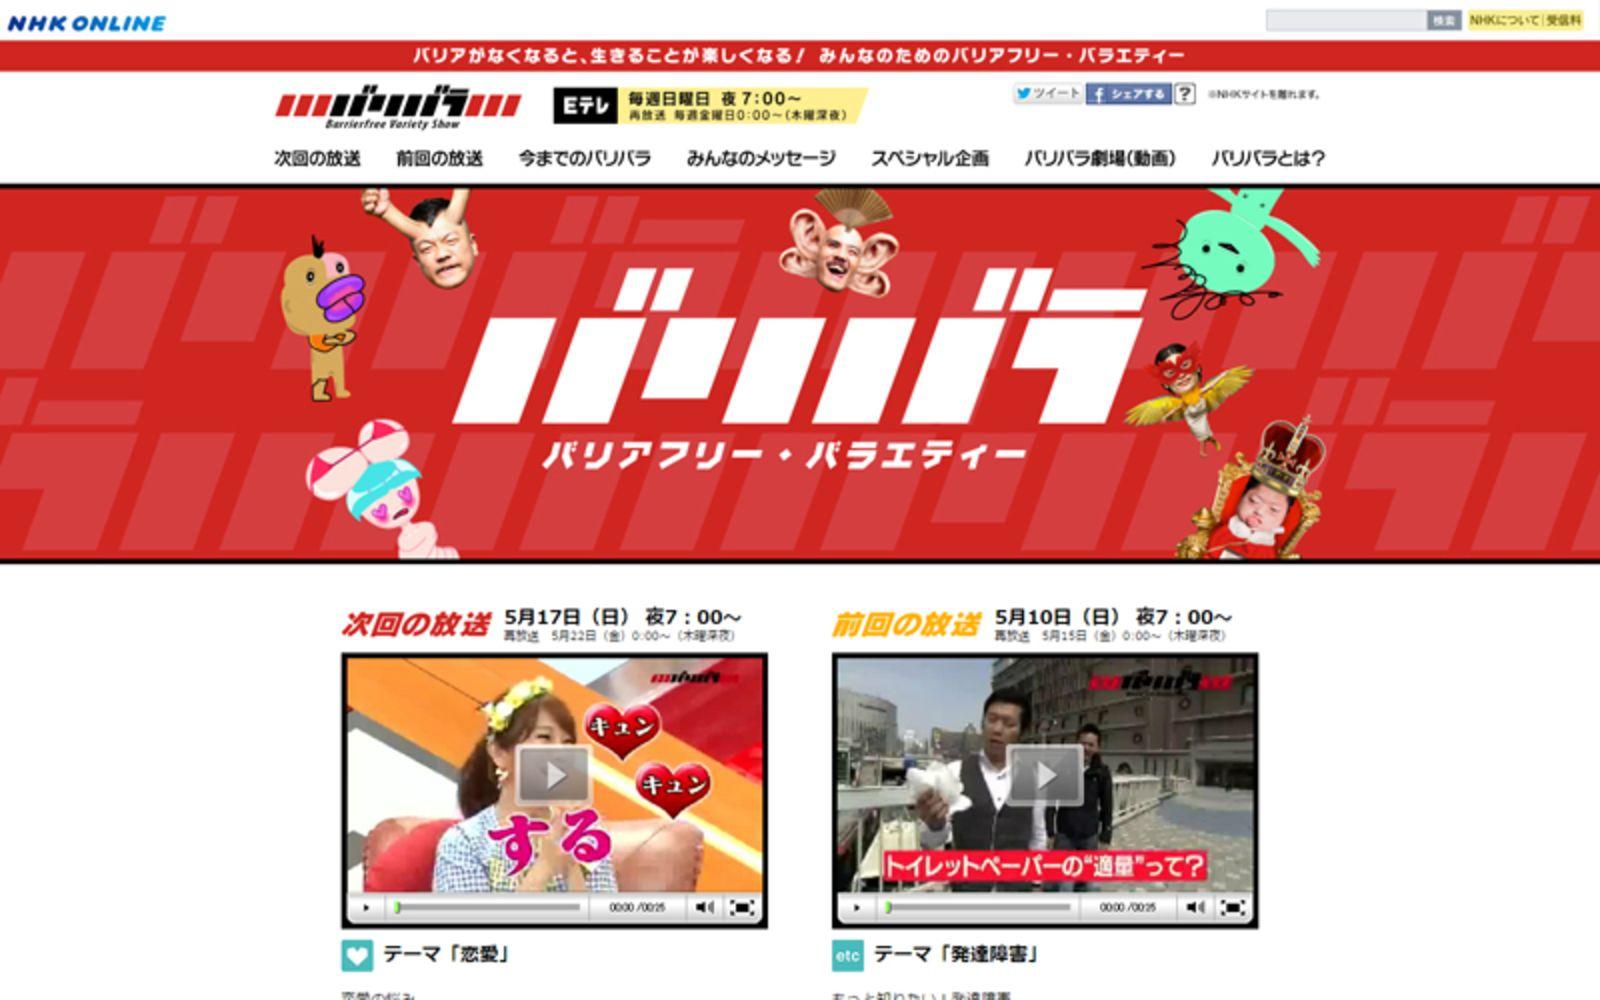 者 nhk 割引 障害 身体障害者手帳、NHK受信料割引のメリット